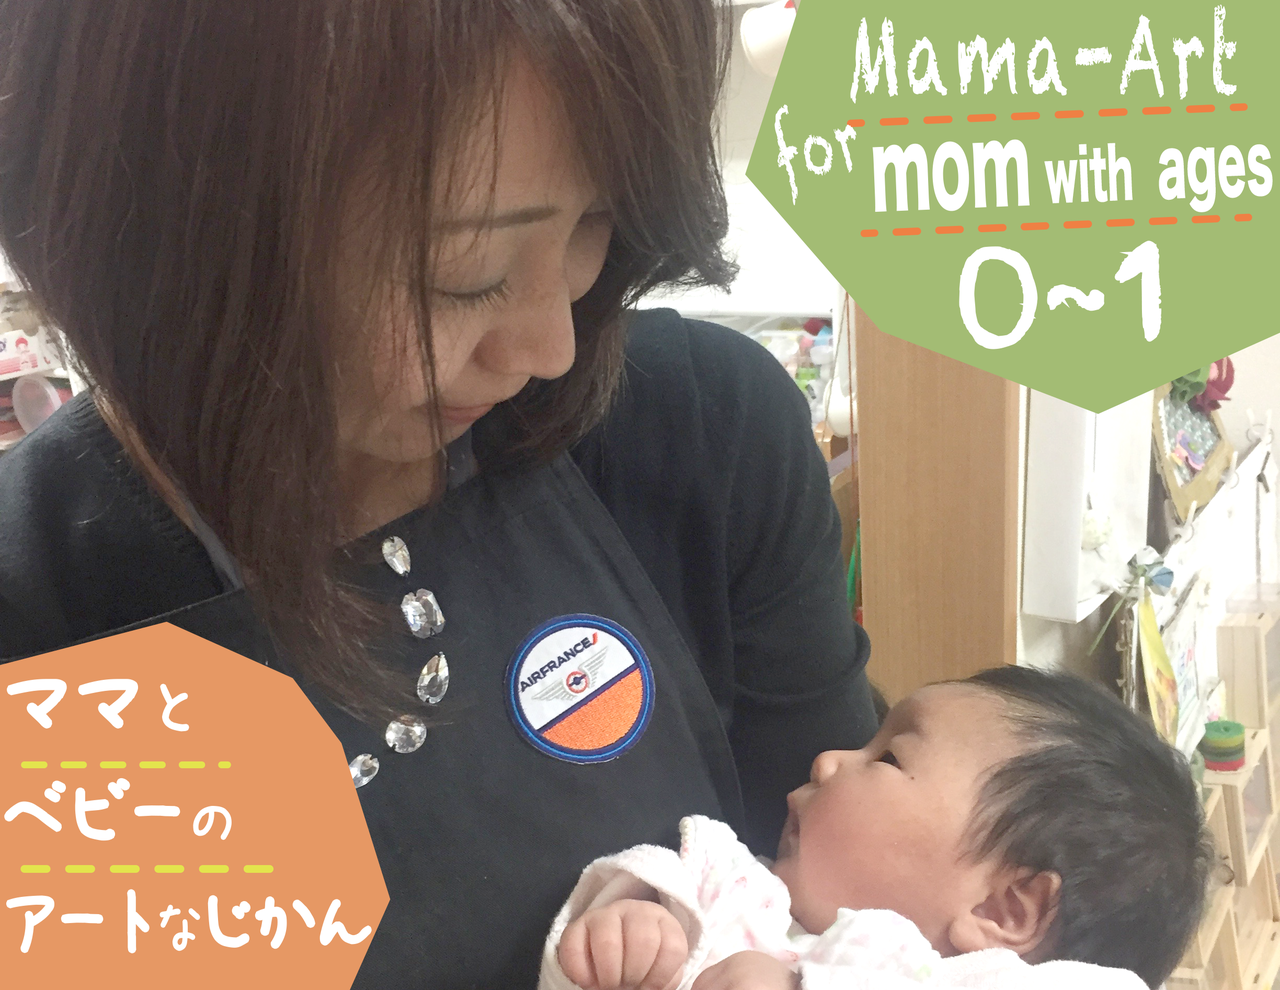 ママアートタイム体験予約  booking for mom-art time